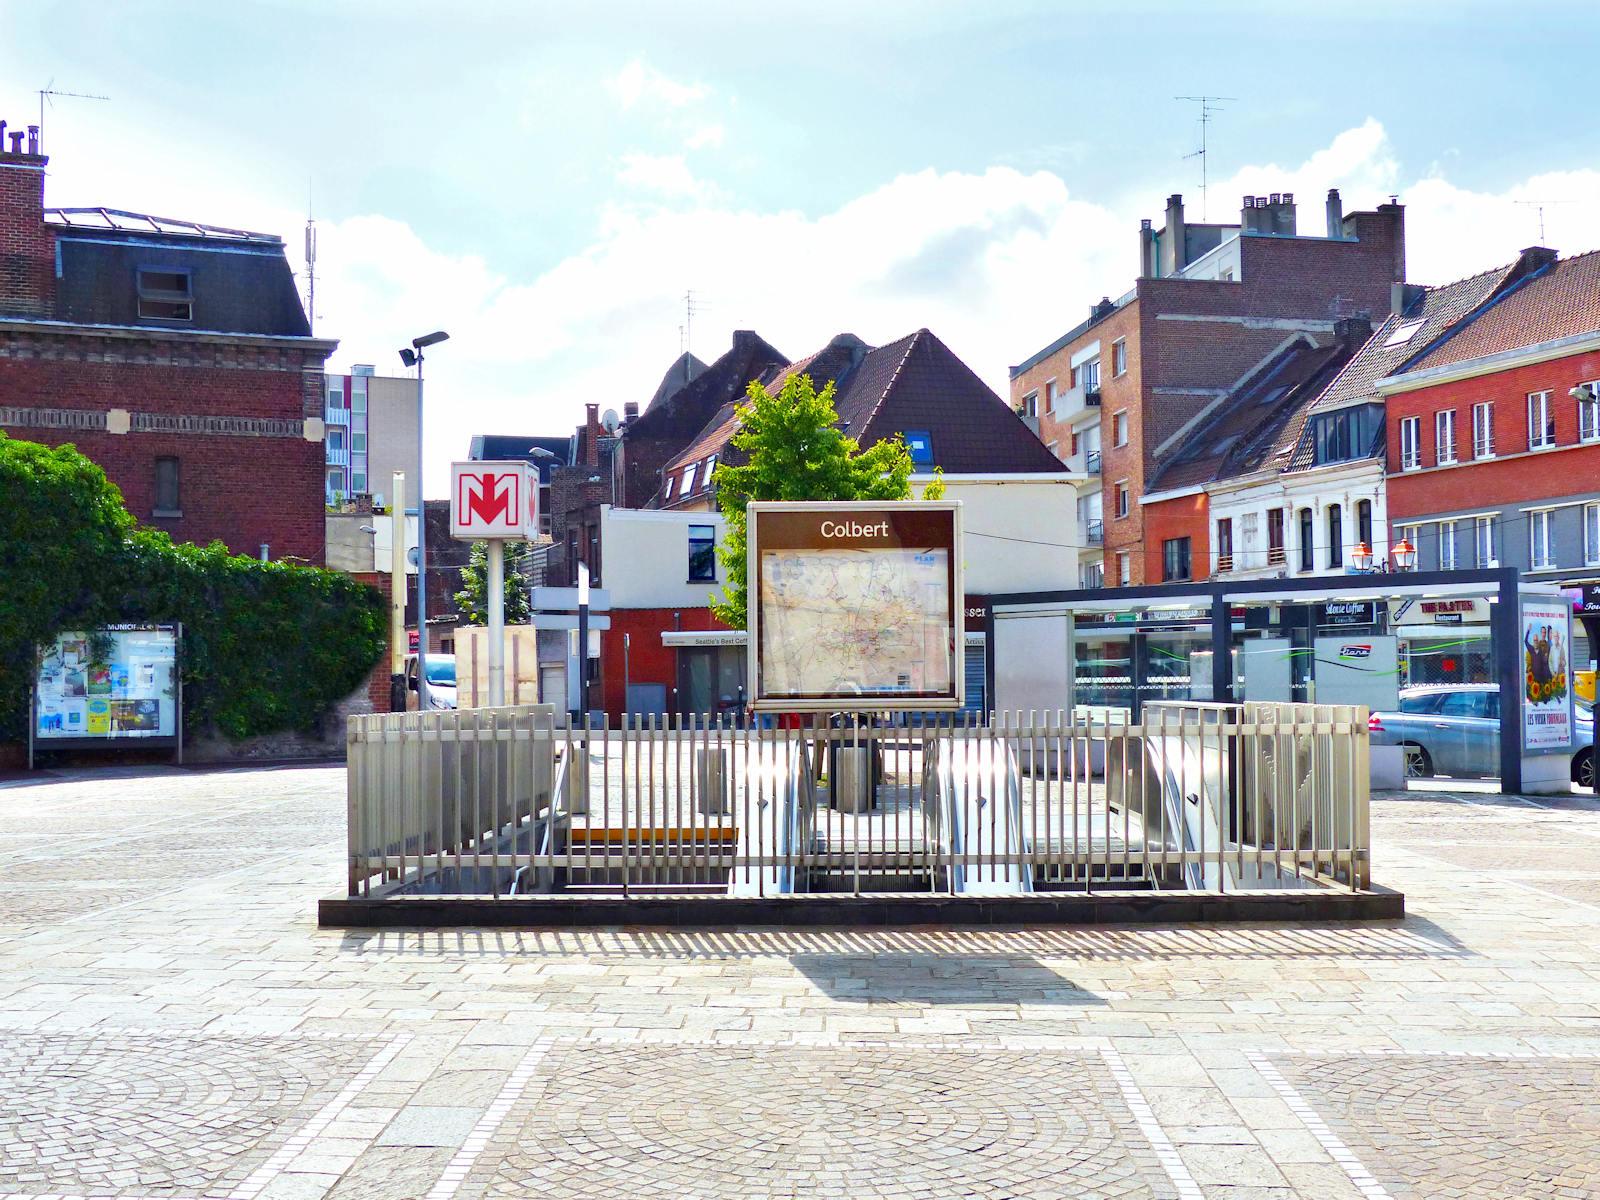 Métro Tourcoing - Colbert, Ligne 2